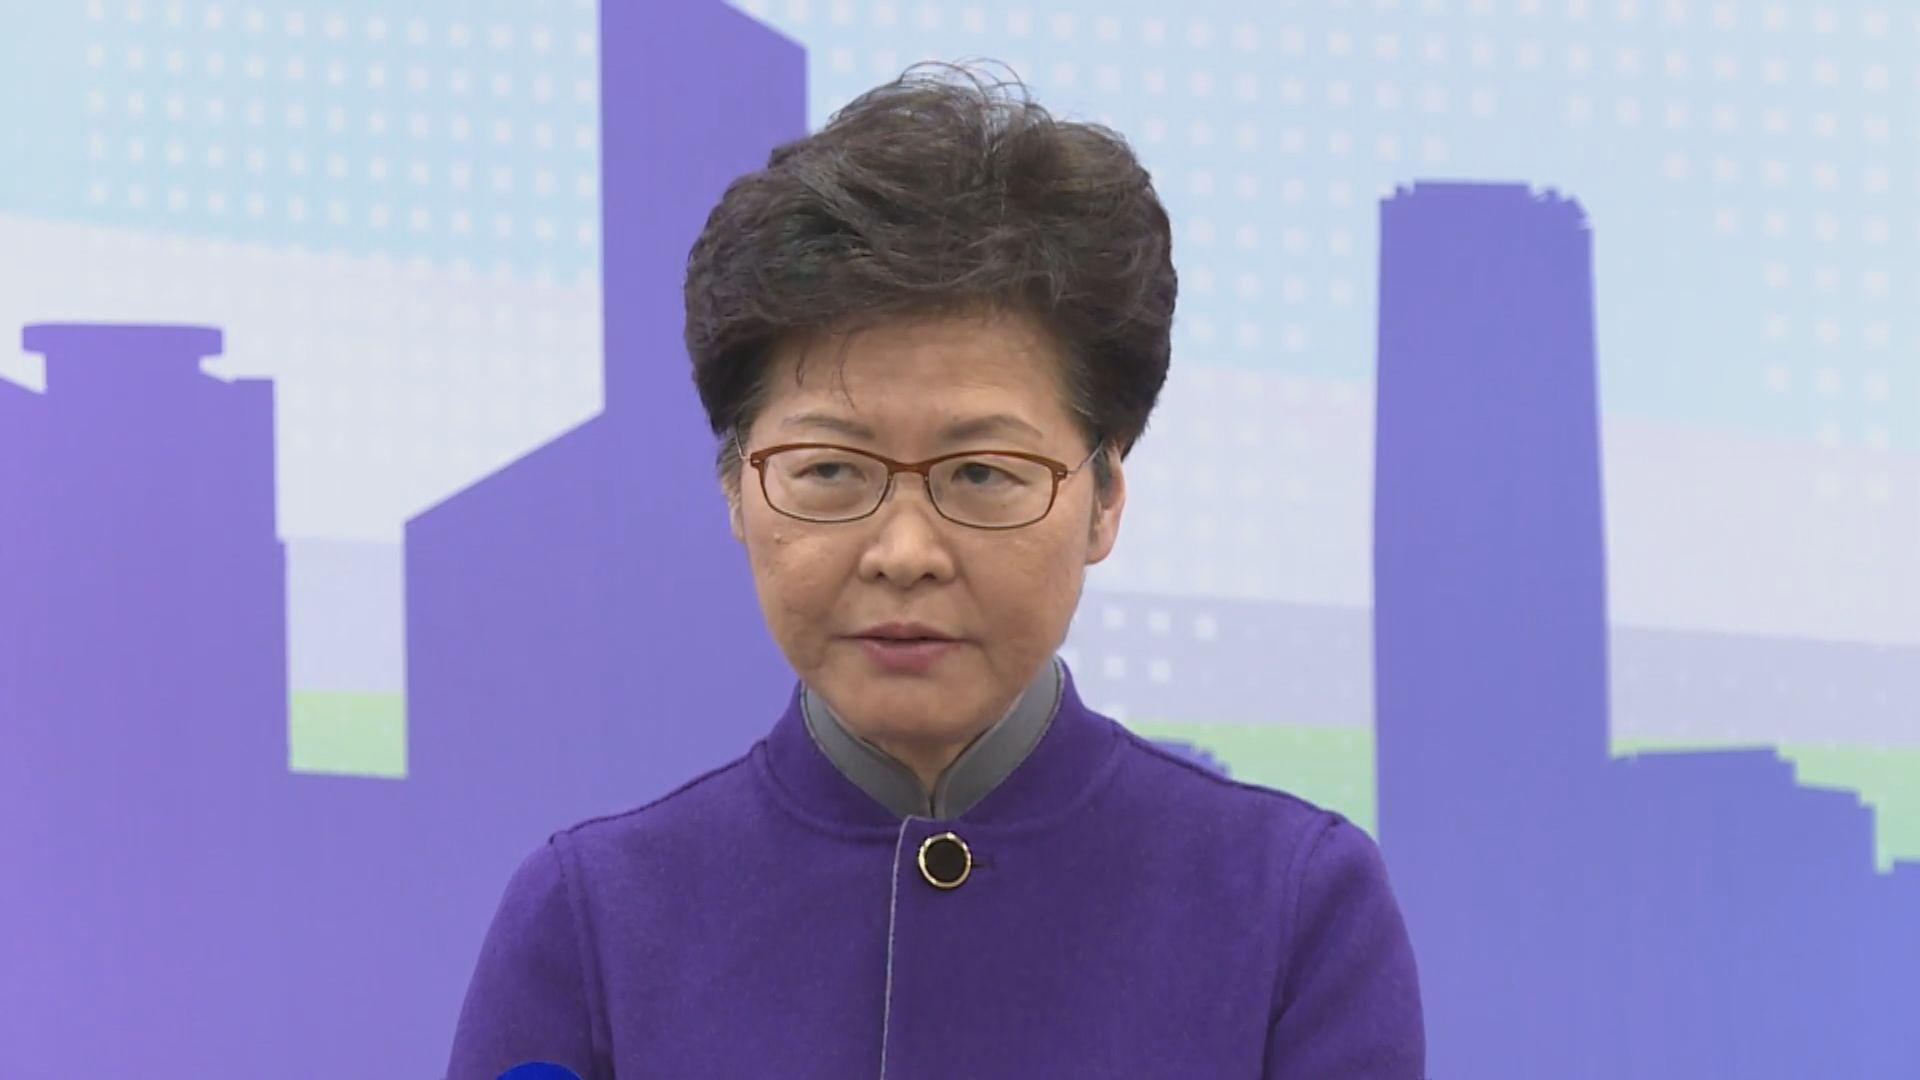 林鄭:盡力確保區議會選舉公平公正進行